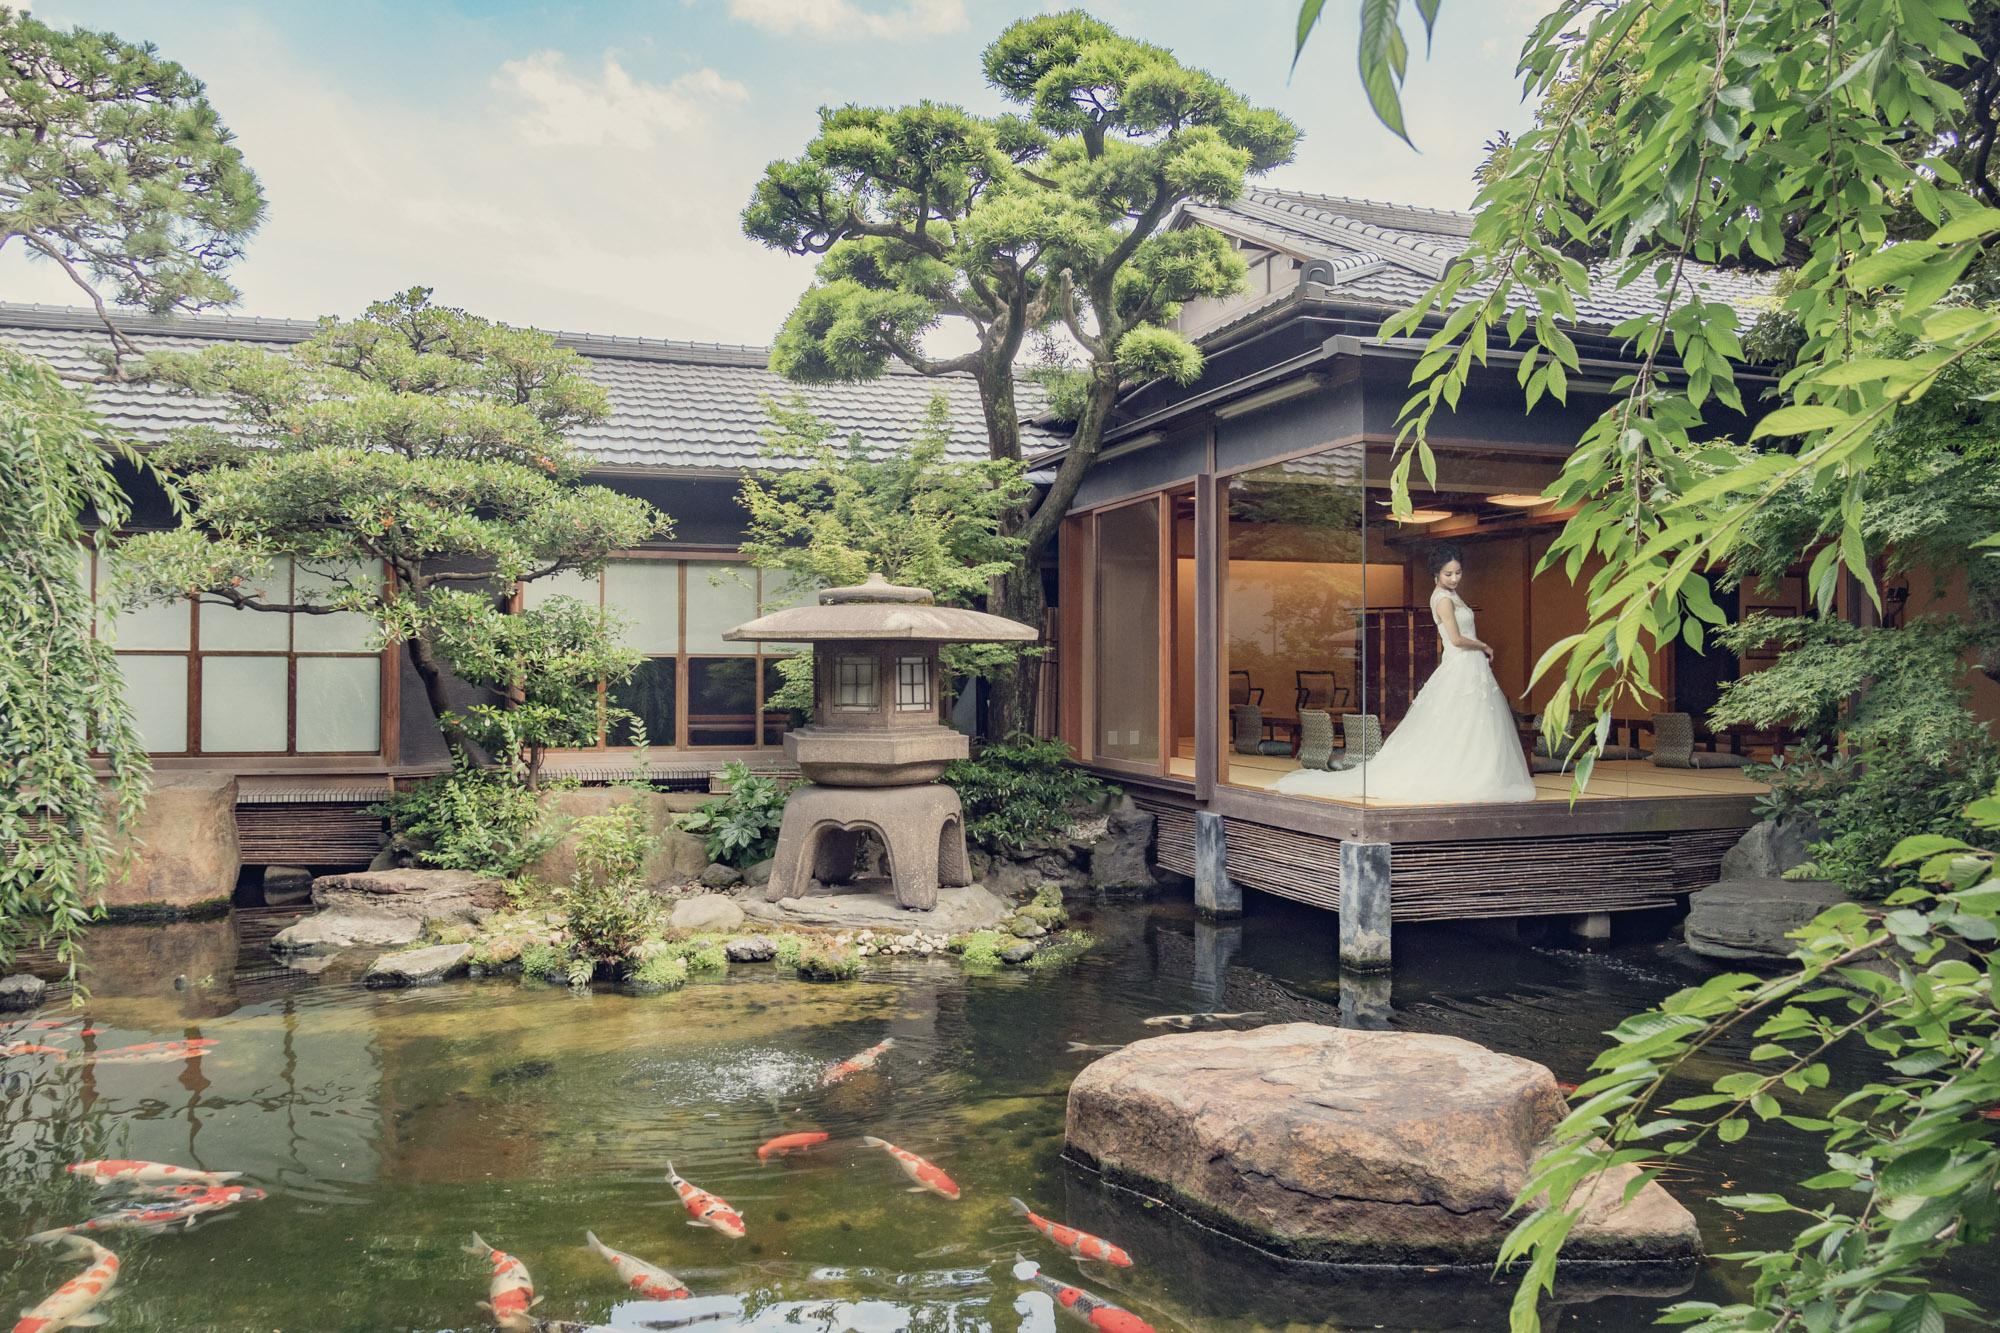 銀座約800坪の敷地と日本庭園を散策!